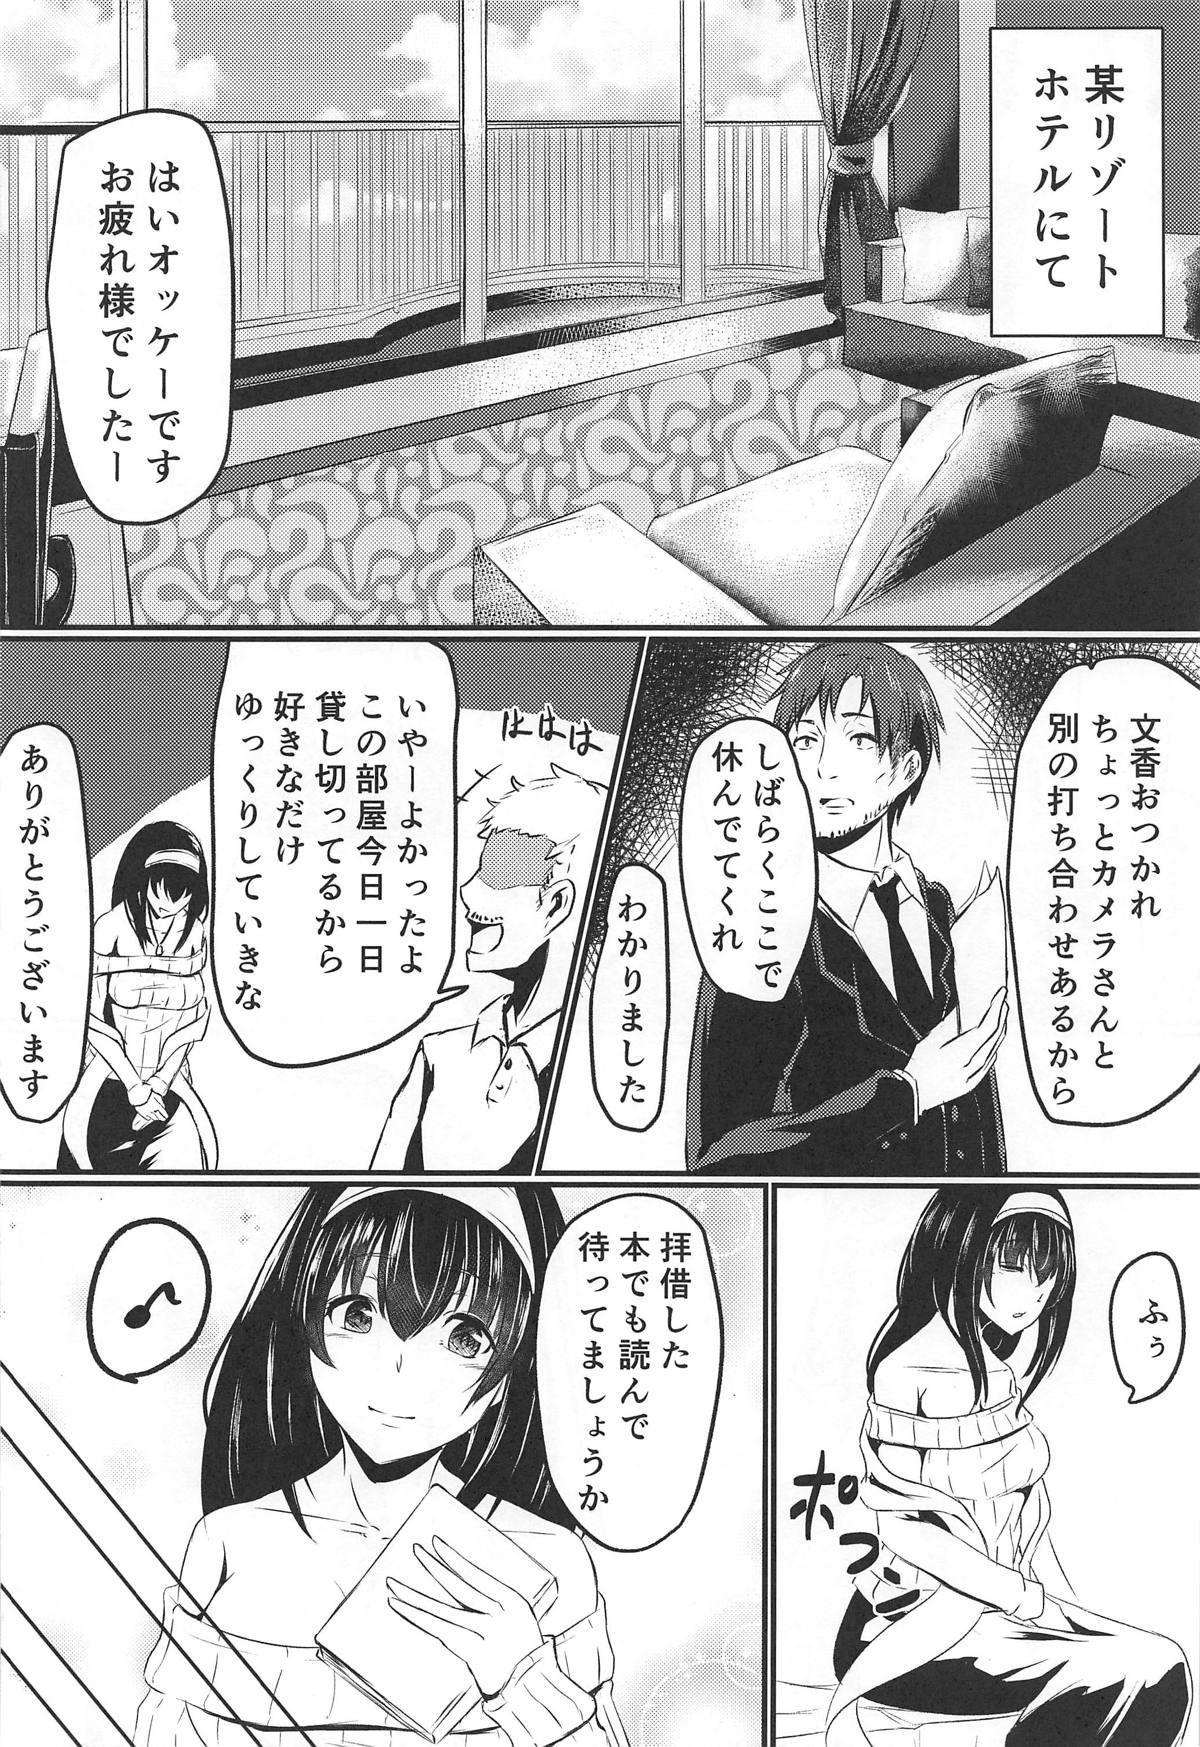 Sagisawa-san Nani Shiterun desu ka? 4